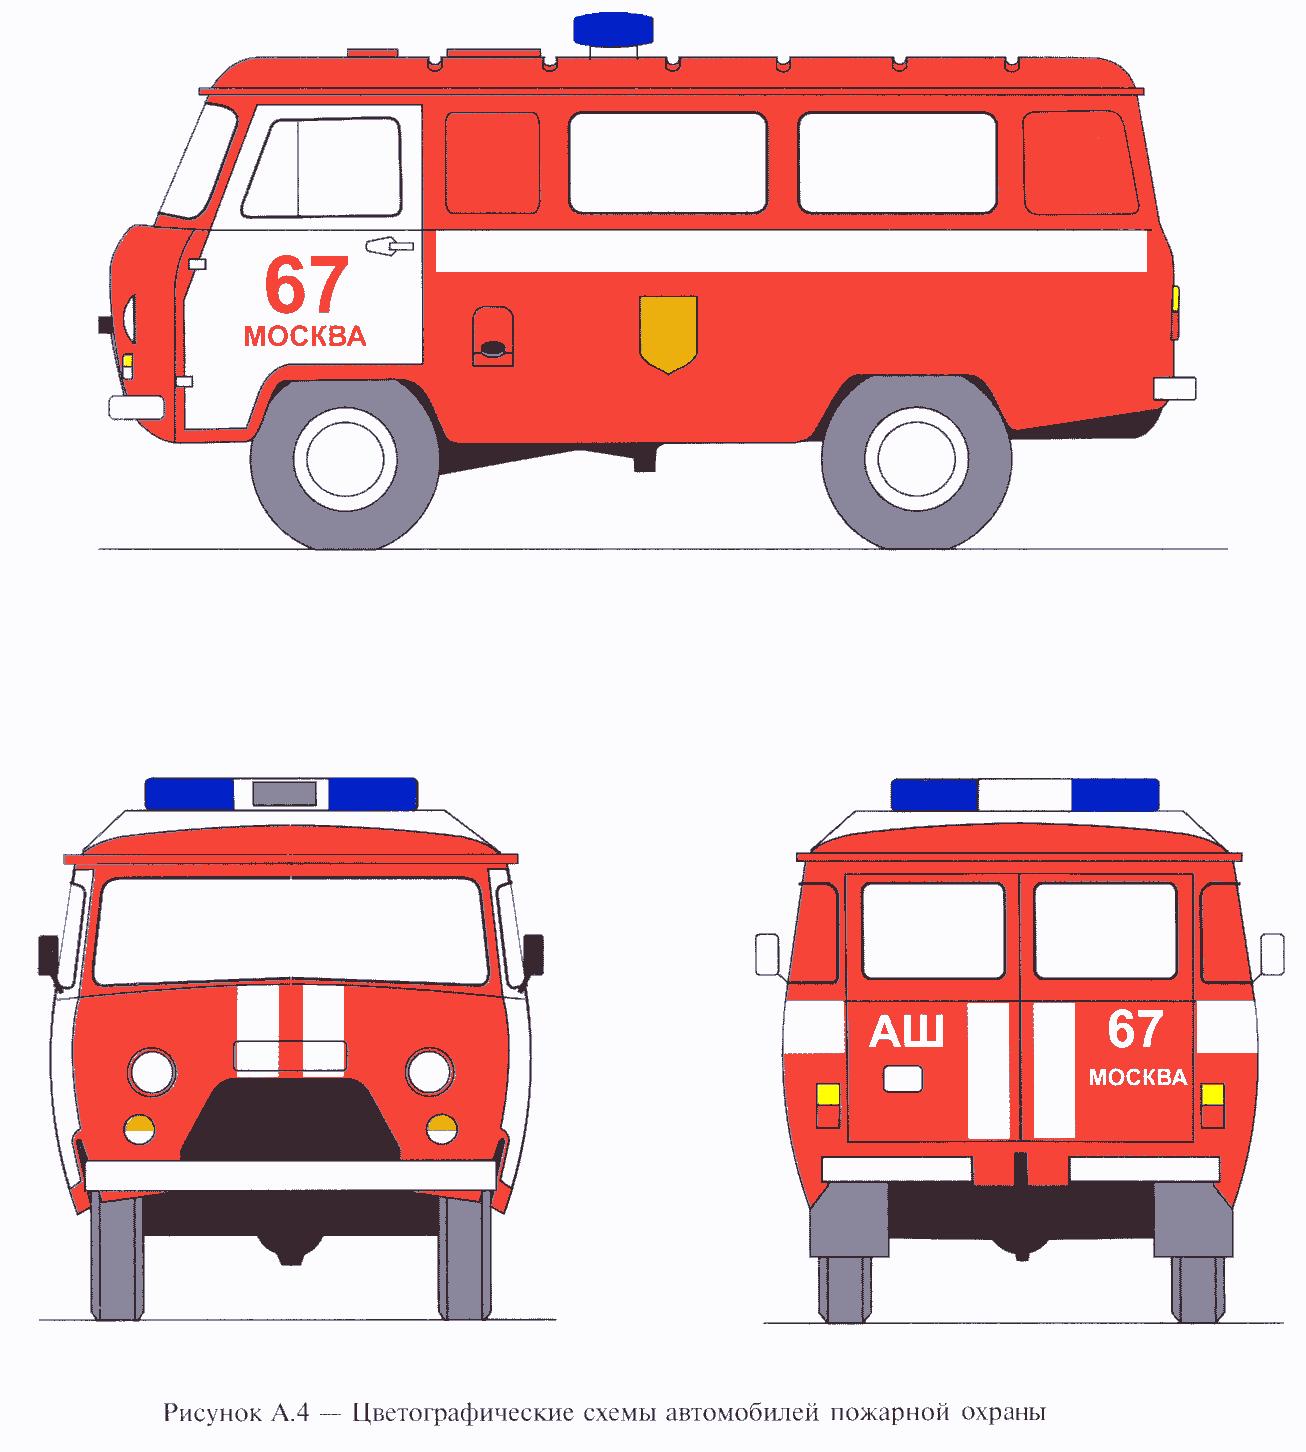 РИС. А.4 ПРИЛОЖЕНИЯ А К ГОСТ Р 50574-2002